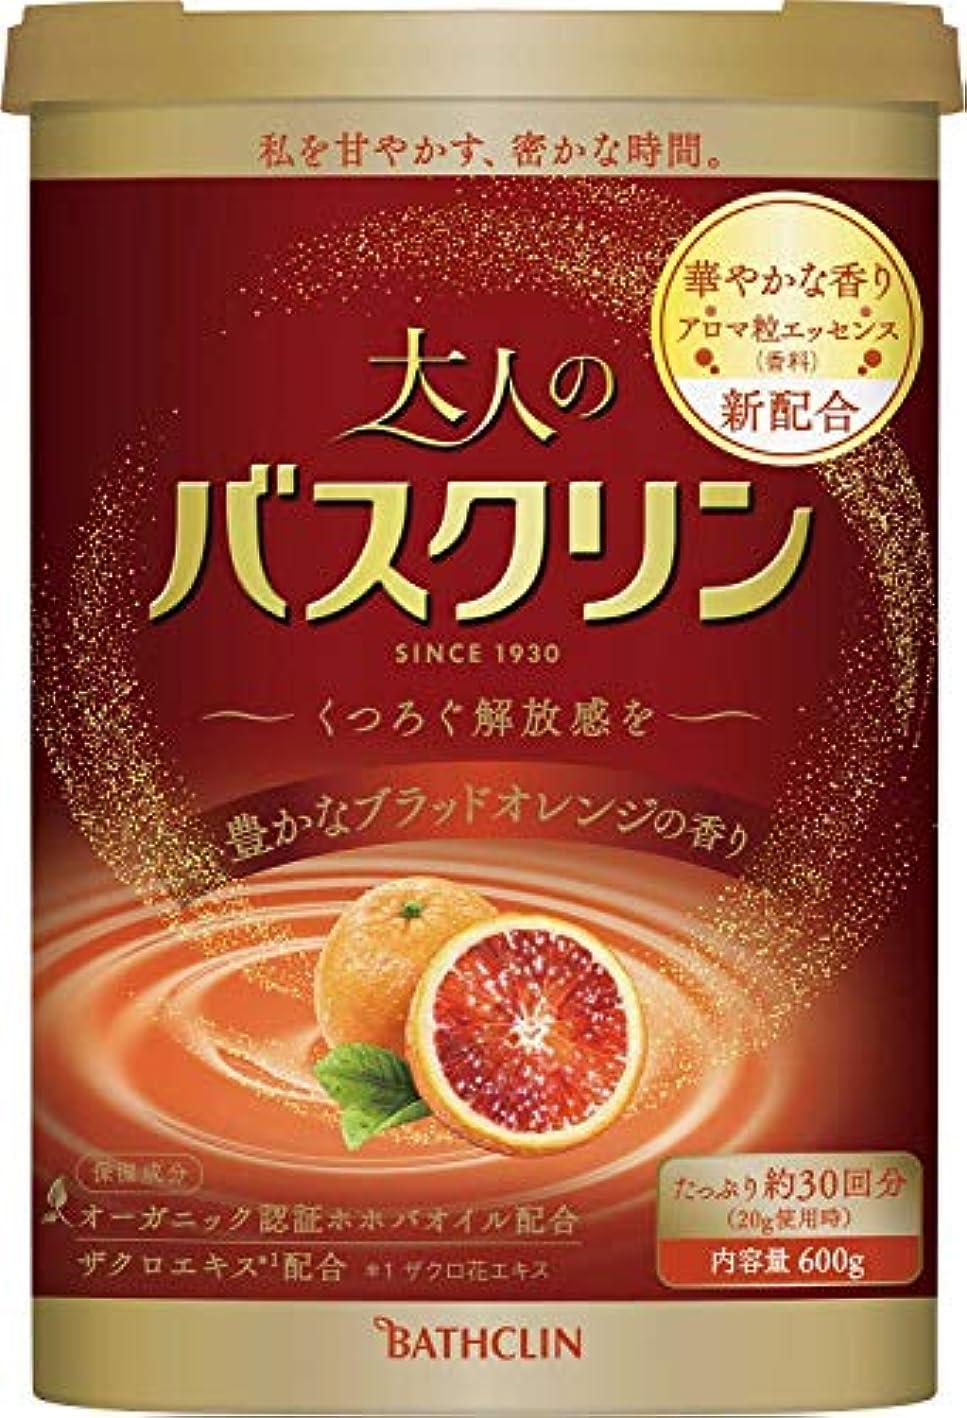 人質メールを書く栄養大人のバスクリン入浴剤 豊かなブラッドオレンジの香り600g(約30回分) リラックス にごりタイプ